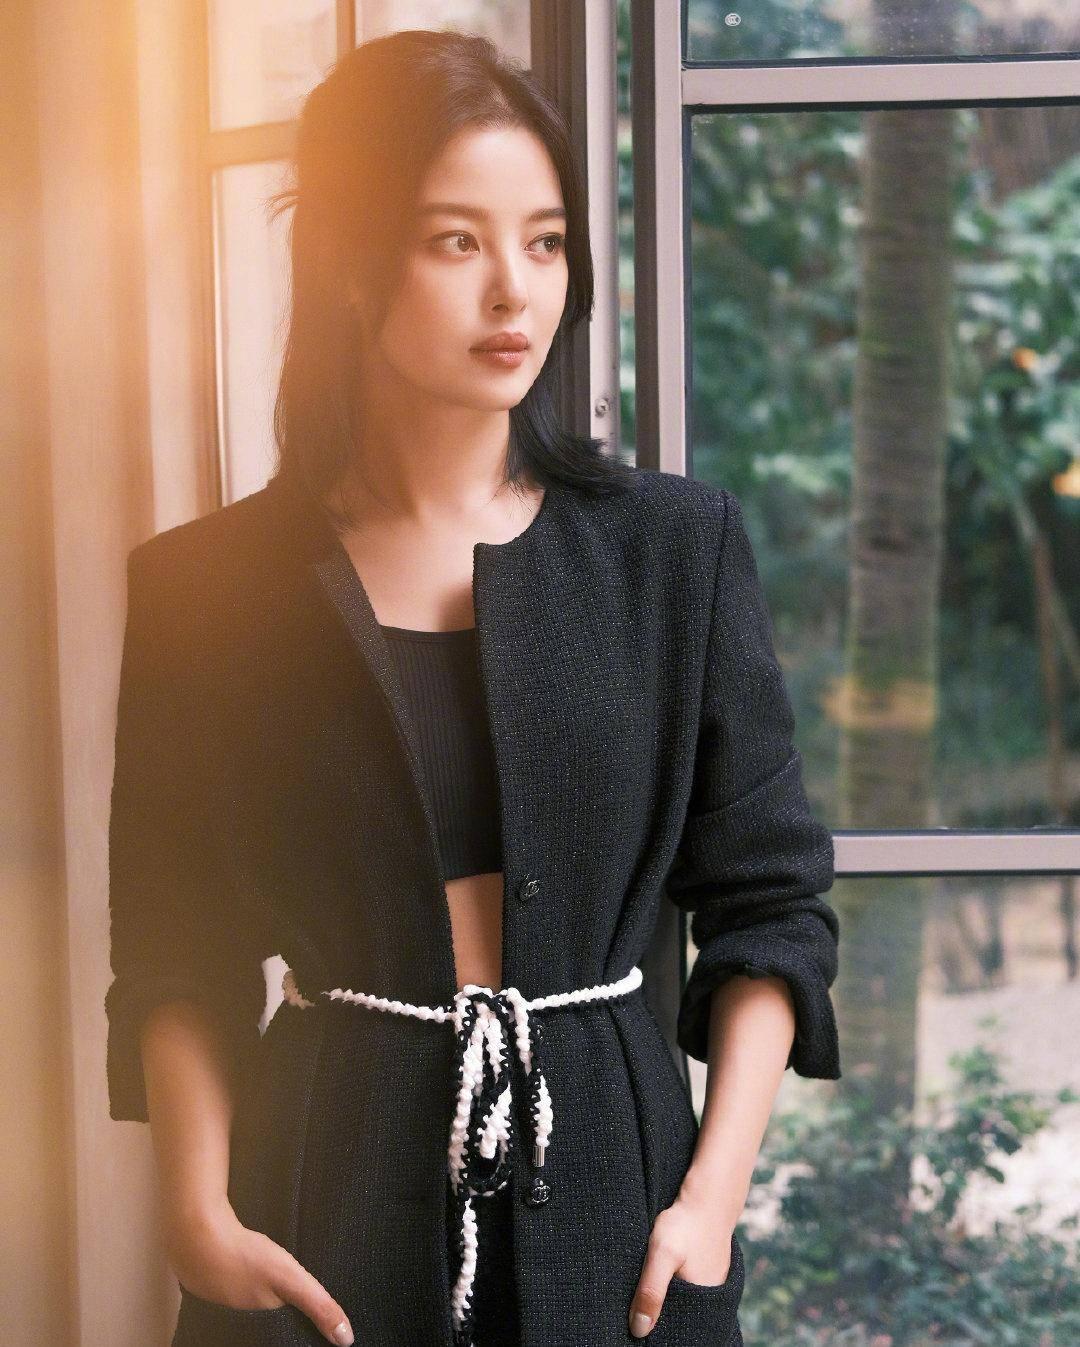 辛芷蕾换发型了!锁骨发搭配黑色时髦套装,气质高冷又不失时尚感